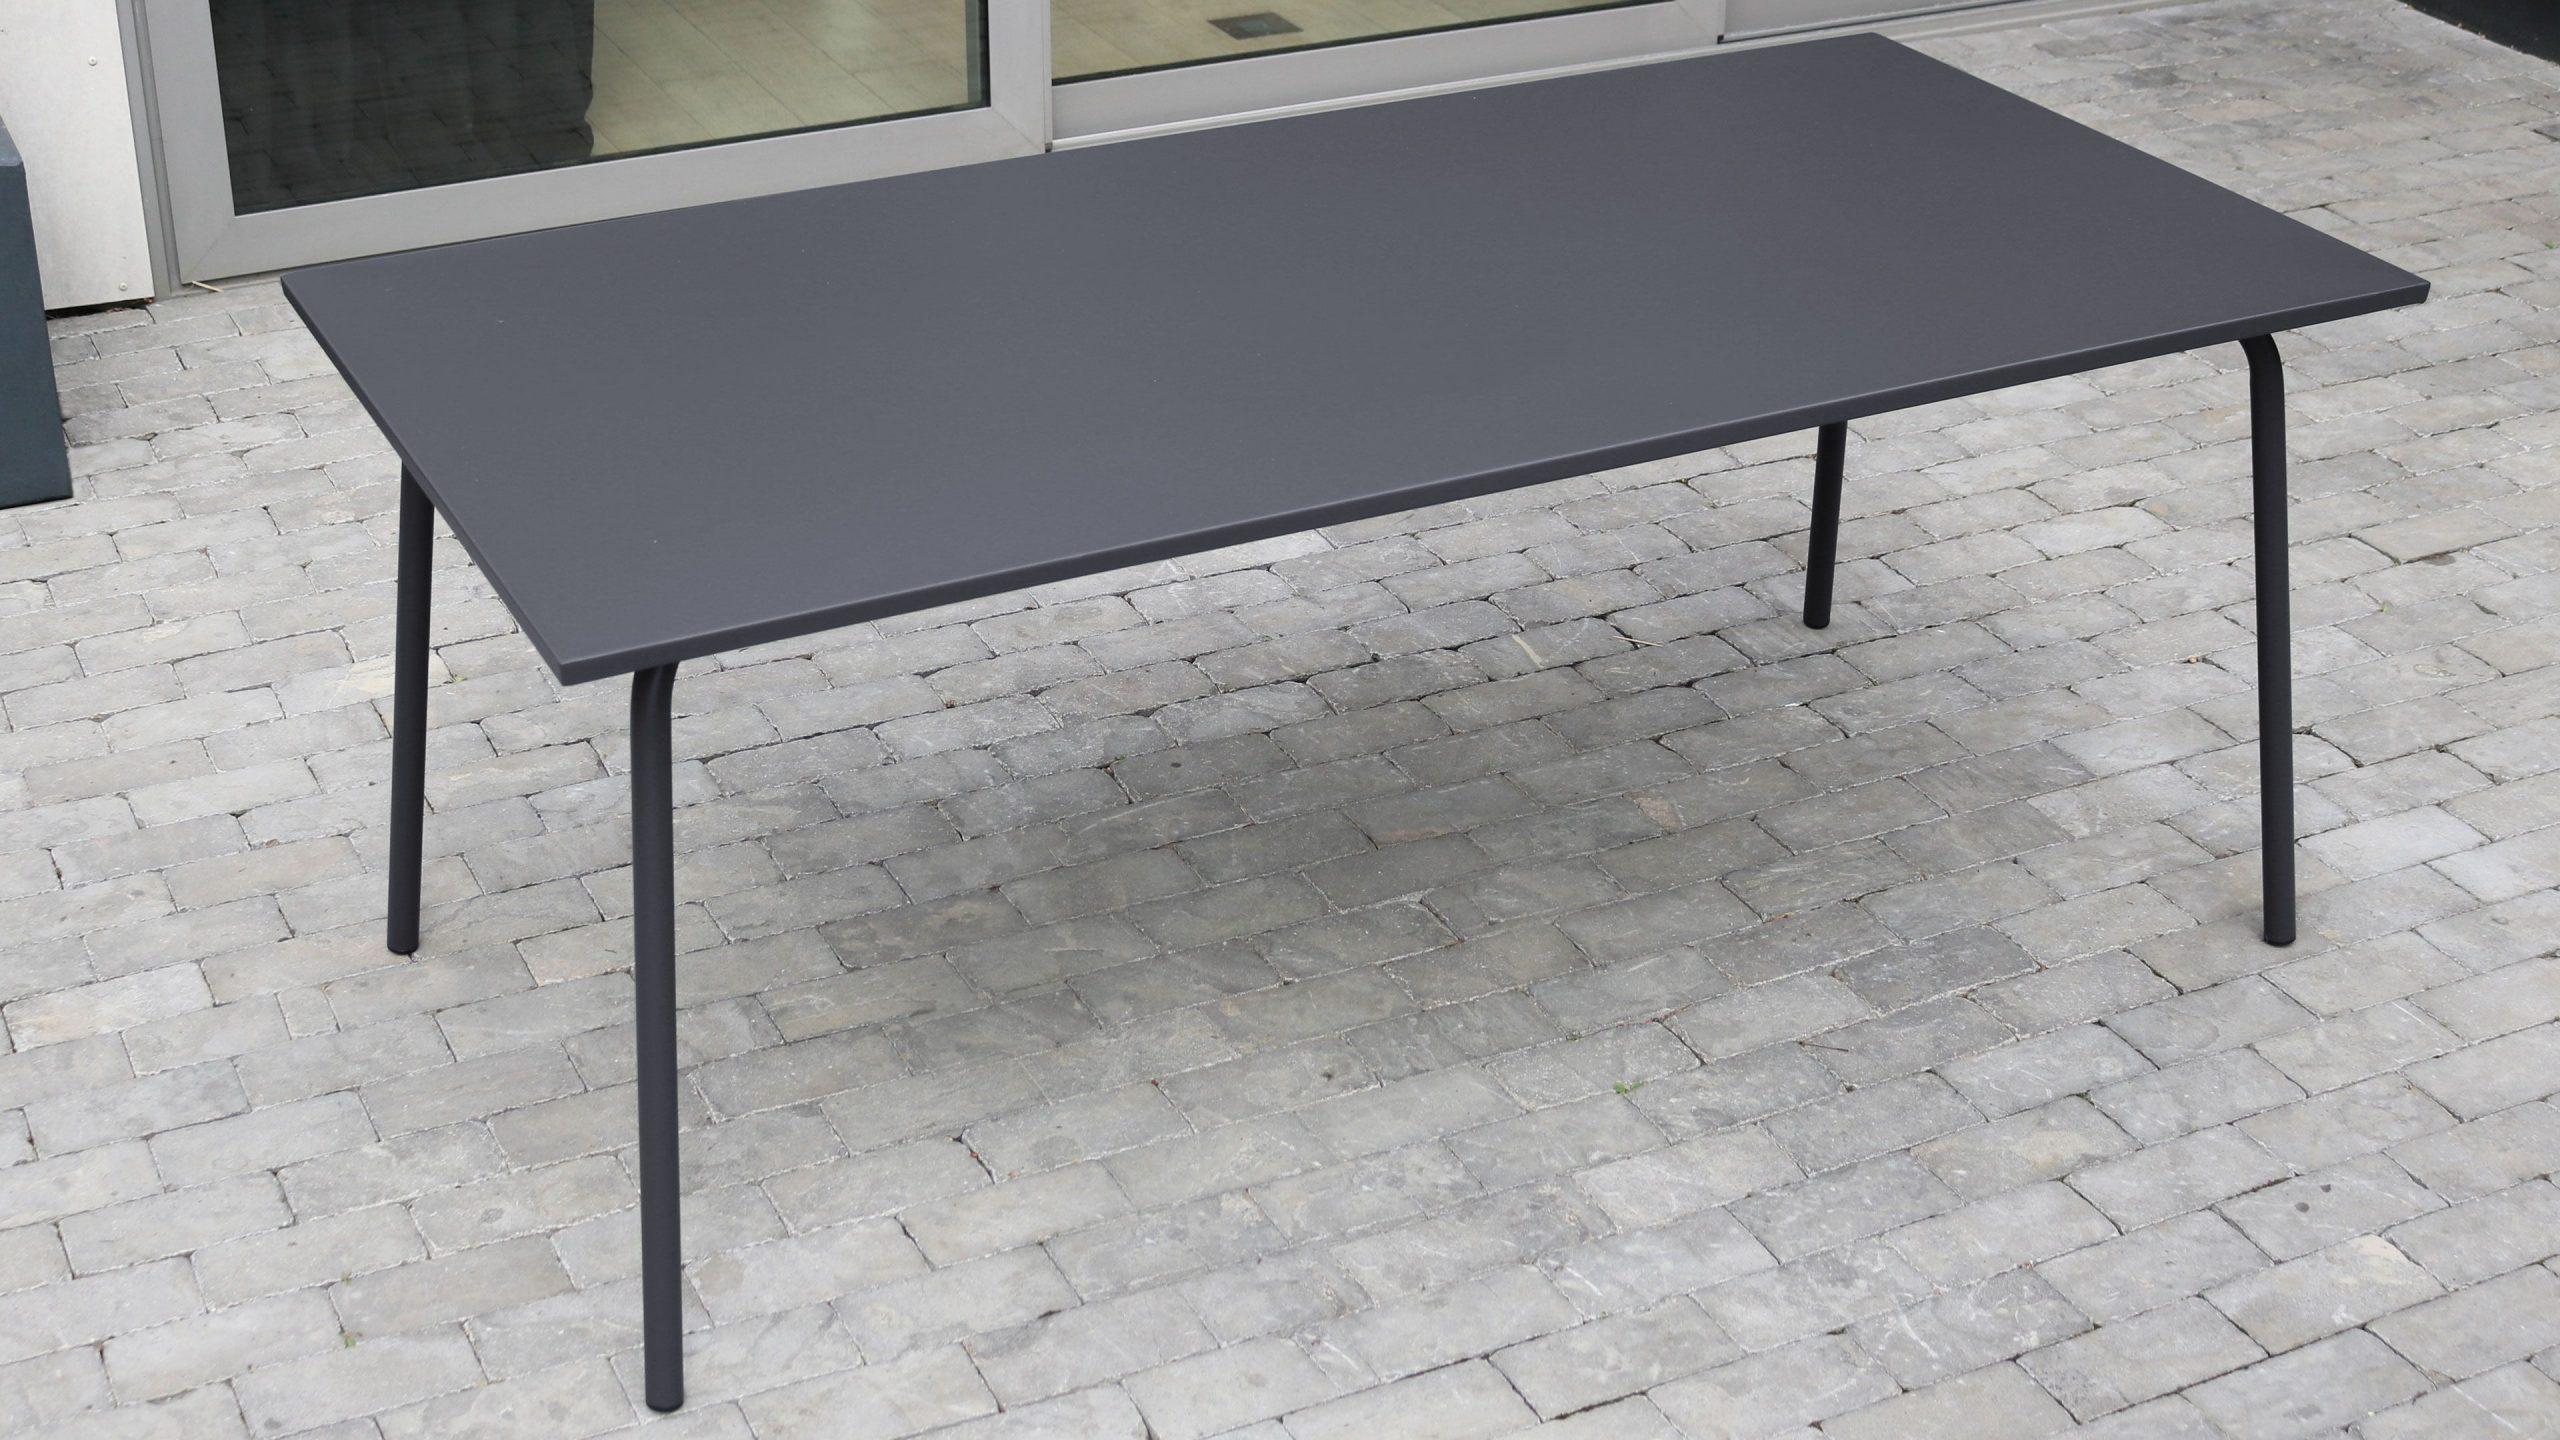 Salon De Jardin Metal Table Et Fauteuils intérieur Table De Jardin Promo